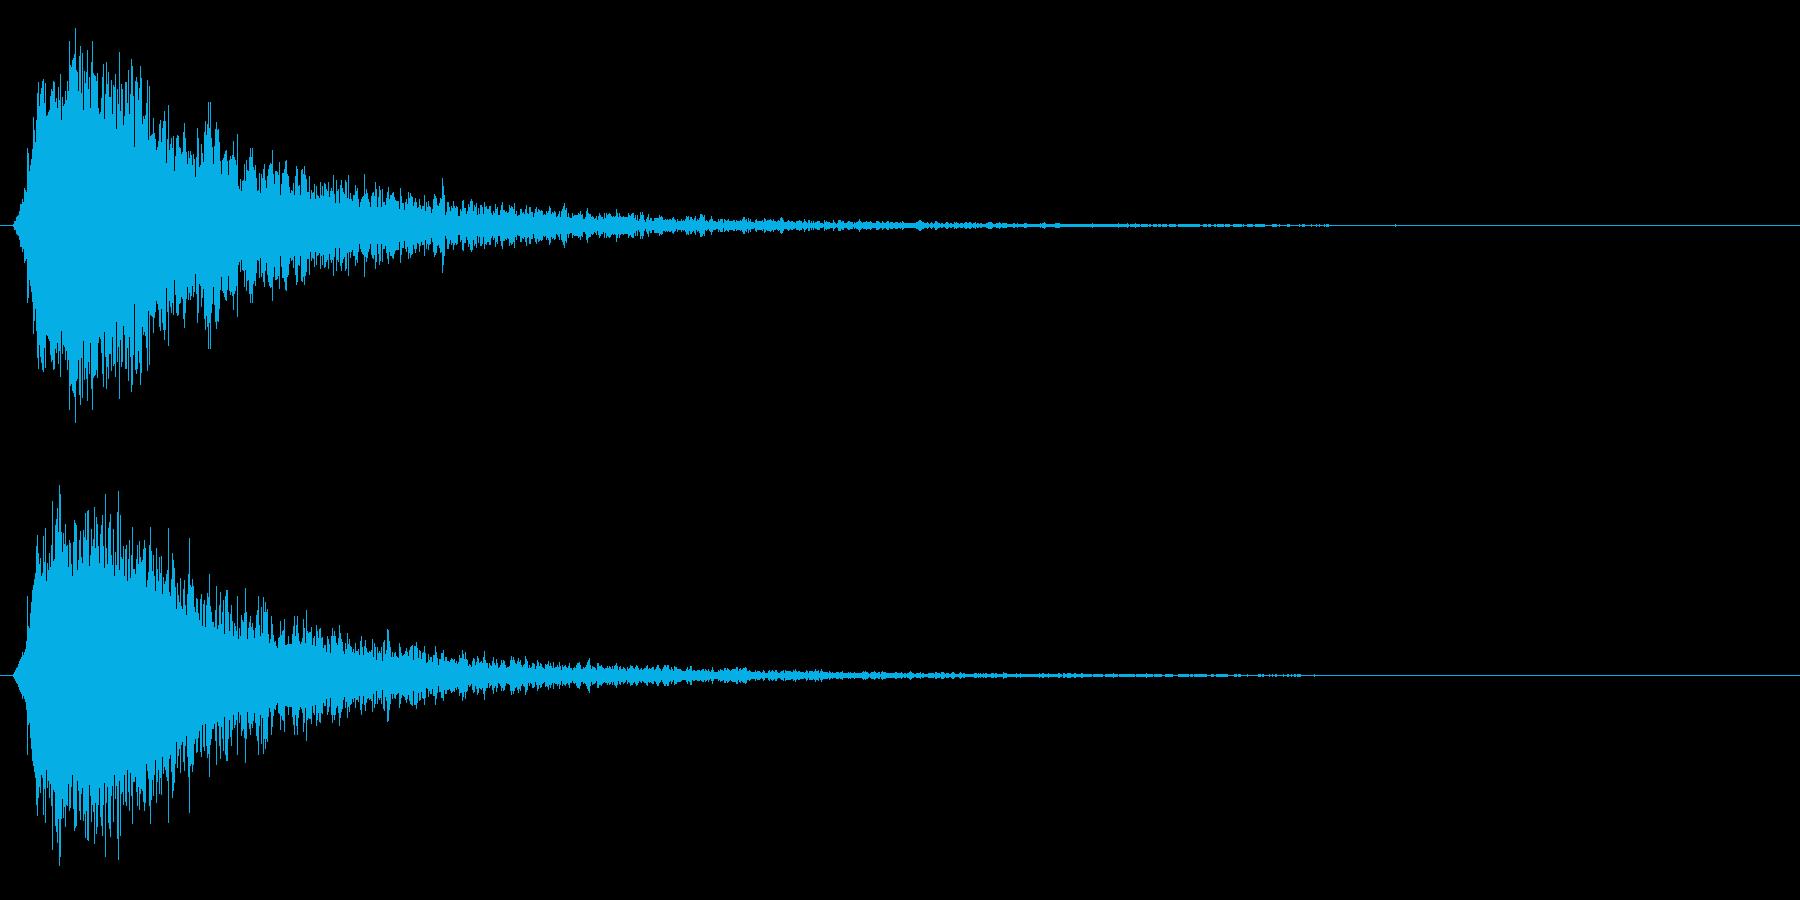 シャキーン!強烈なインパクト効果音3CVの再生済みの波形